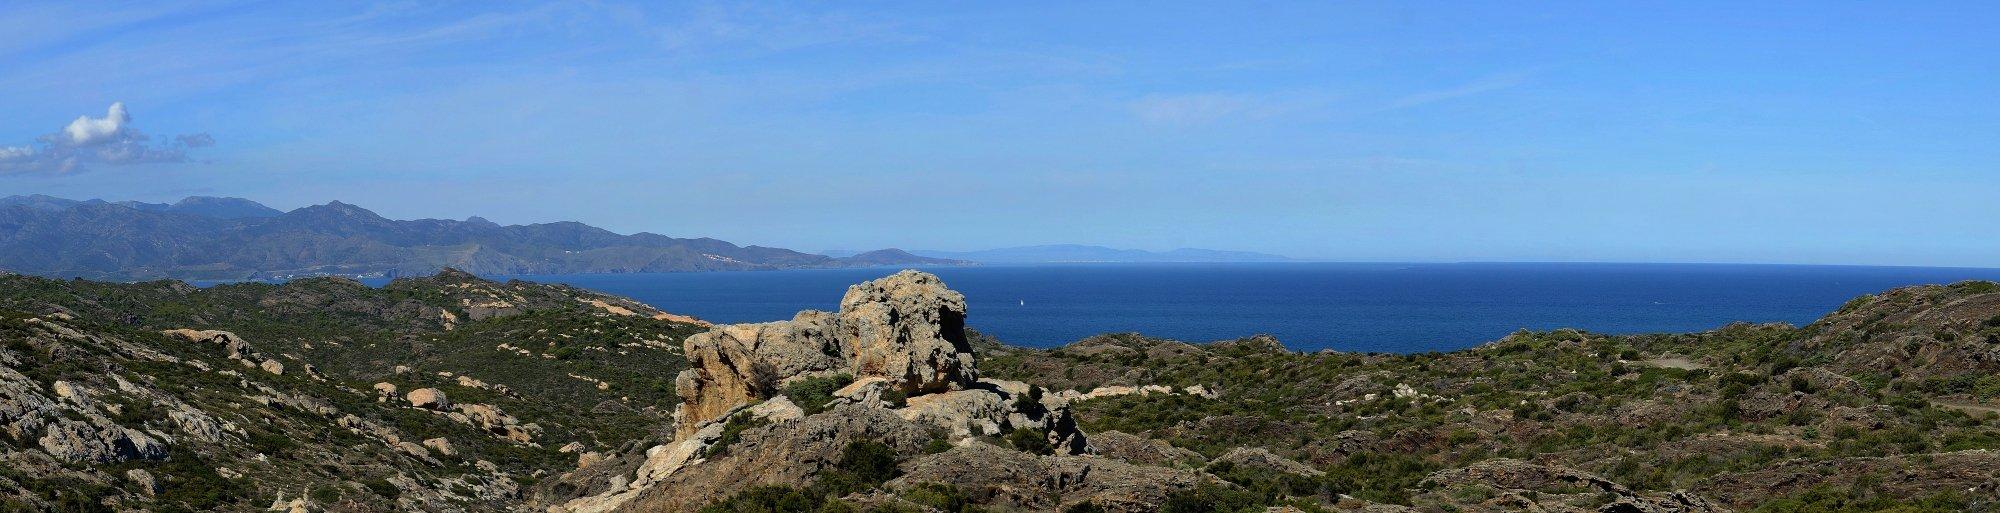 formacions rocoses, al fosns el mar d'amunt